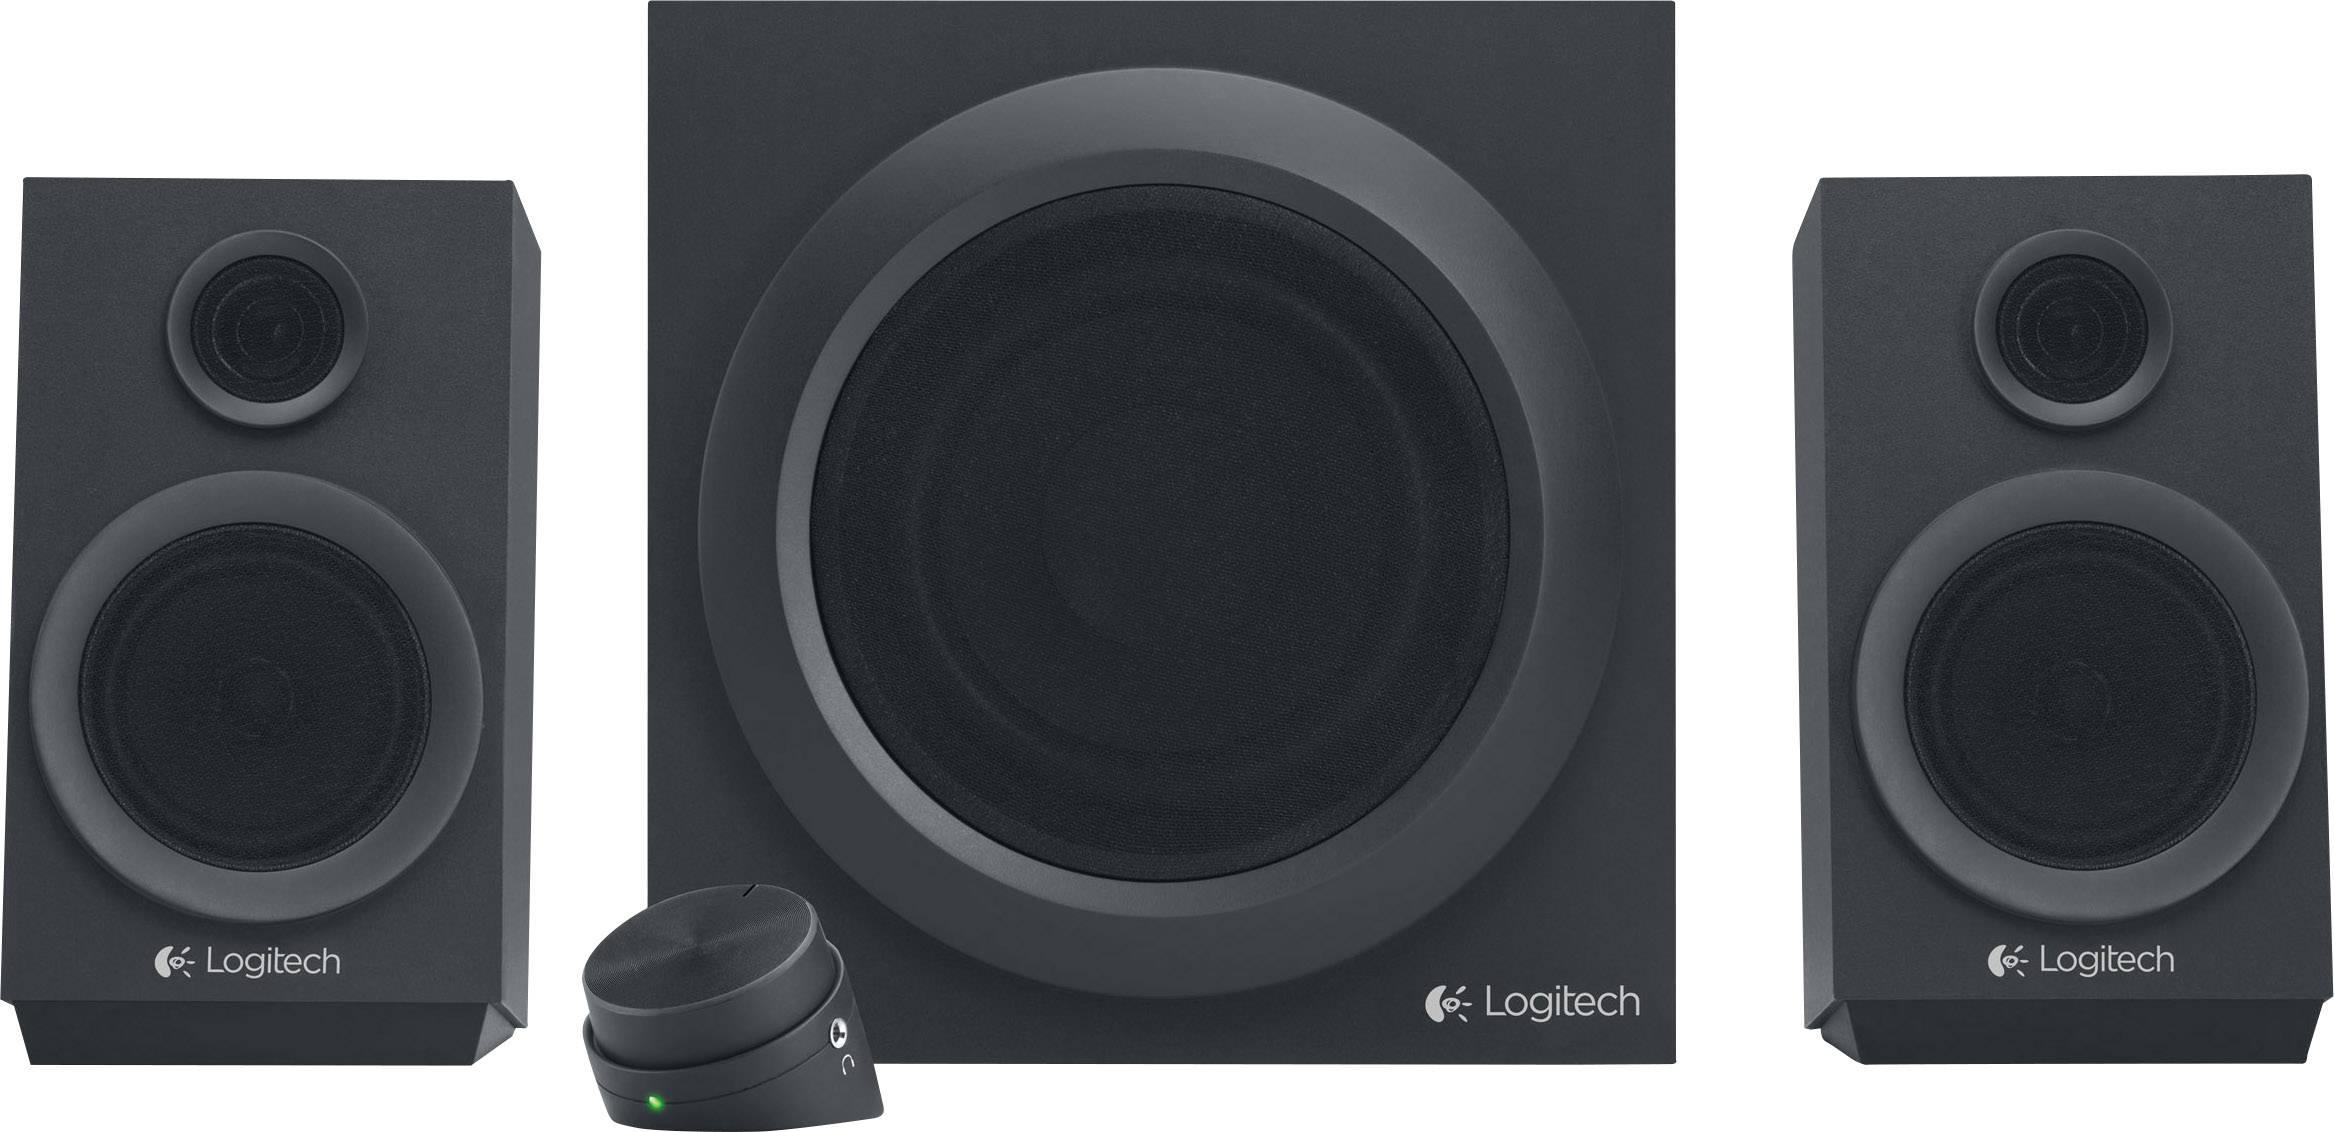 Logitech Z333 2.1 Datorhögtalare S  d62f0772c9d7b